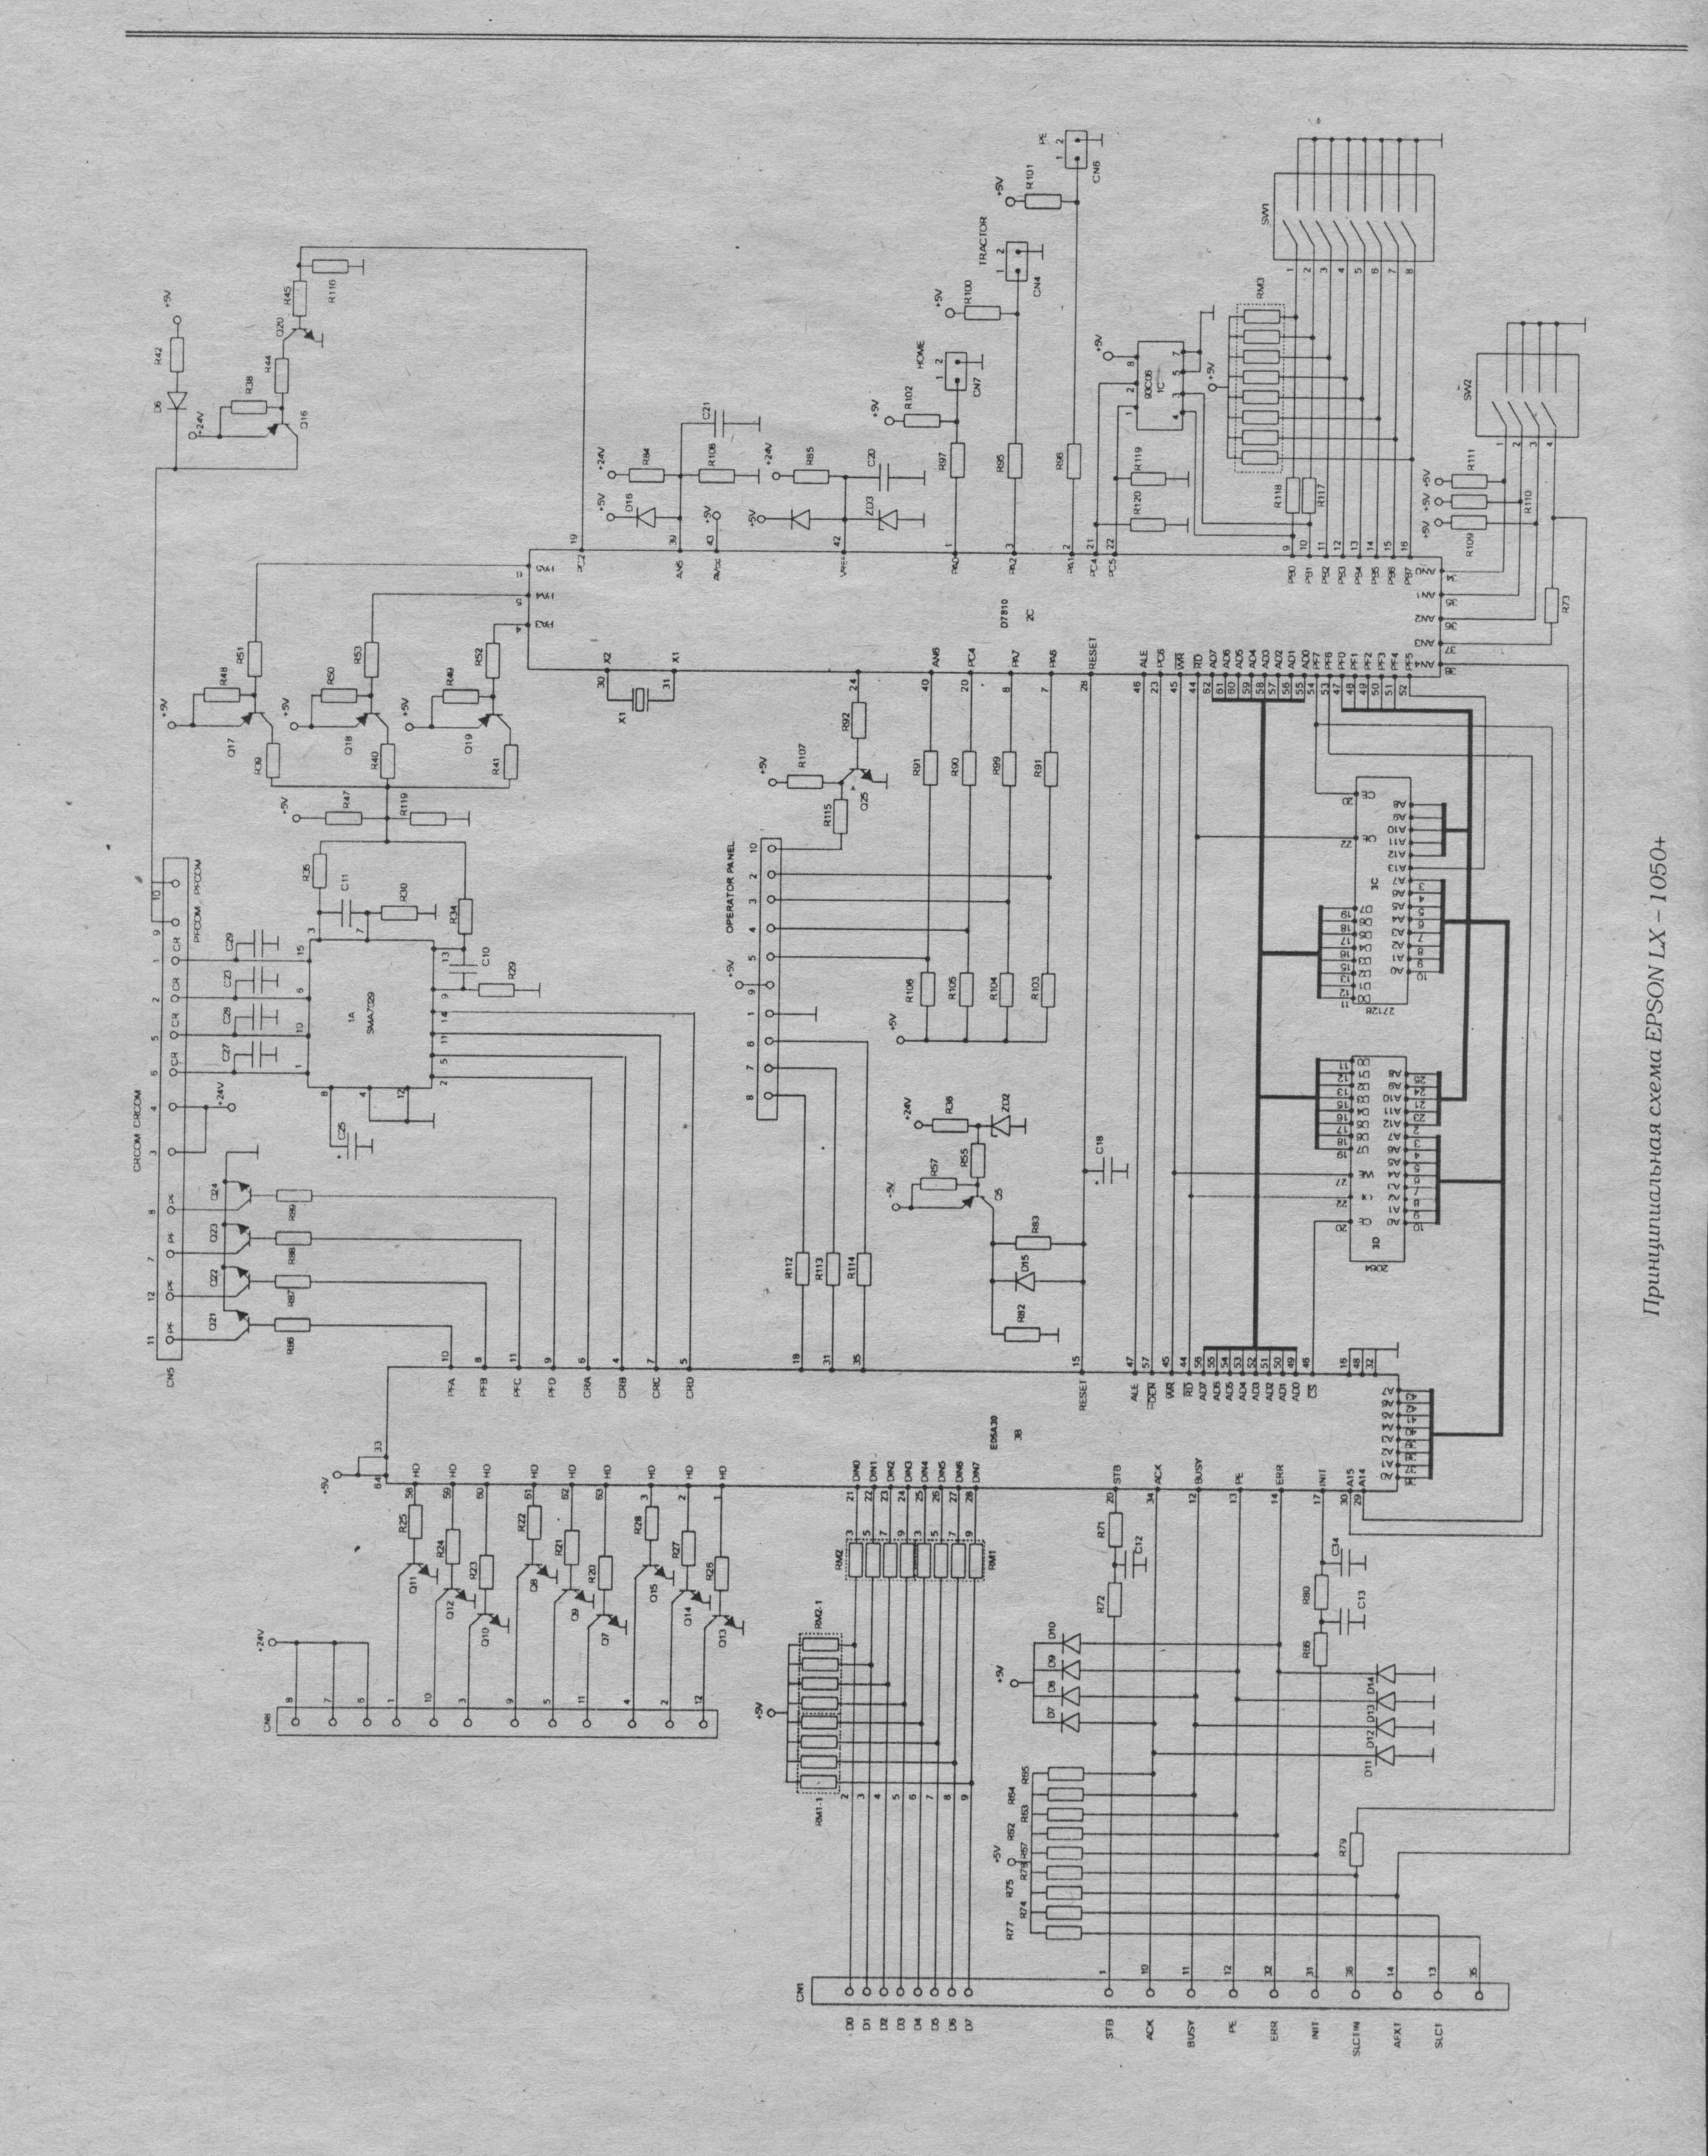 схема принтера эпсон